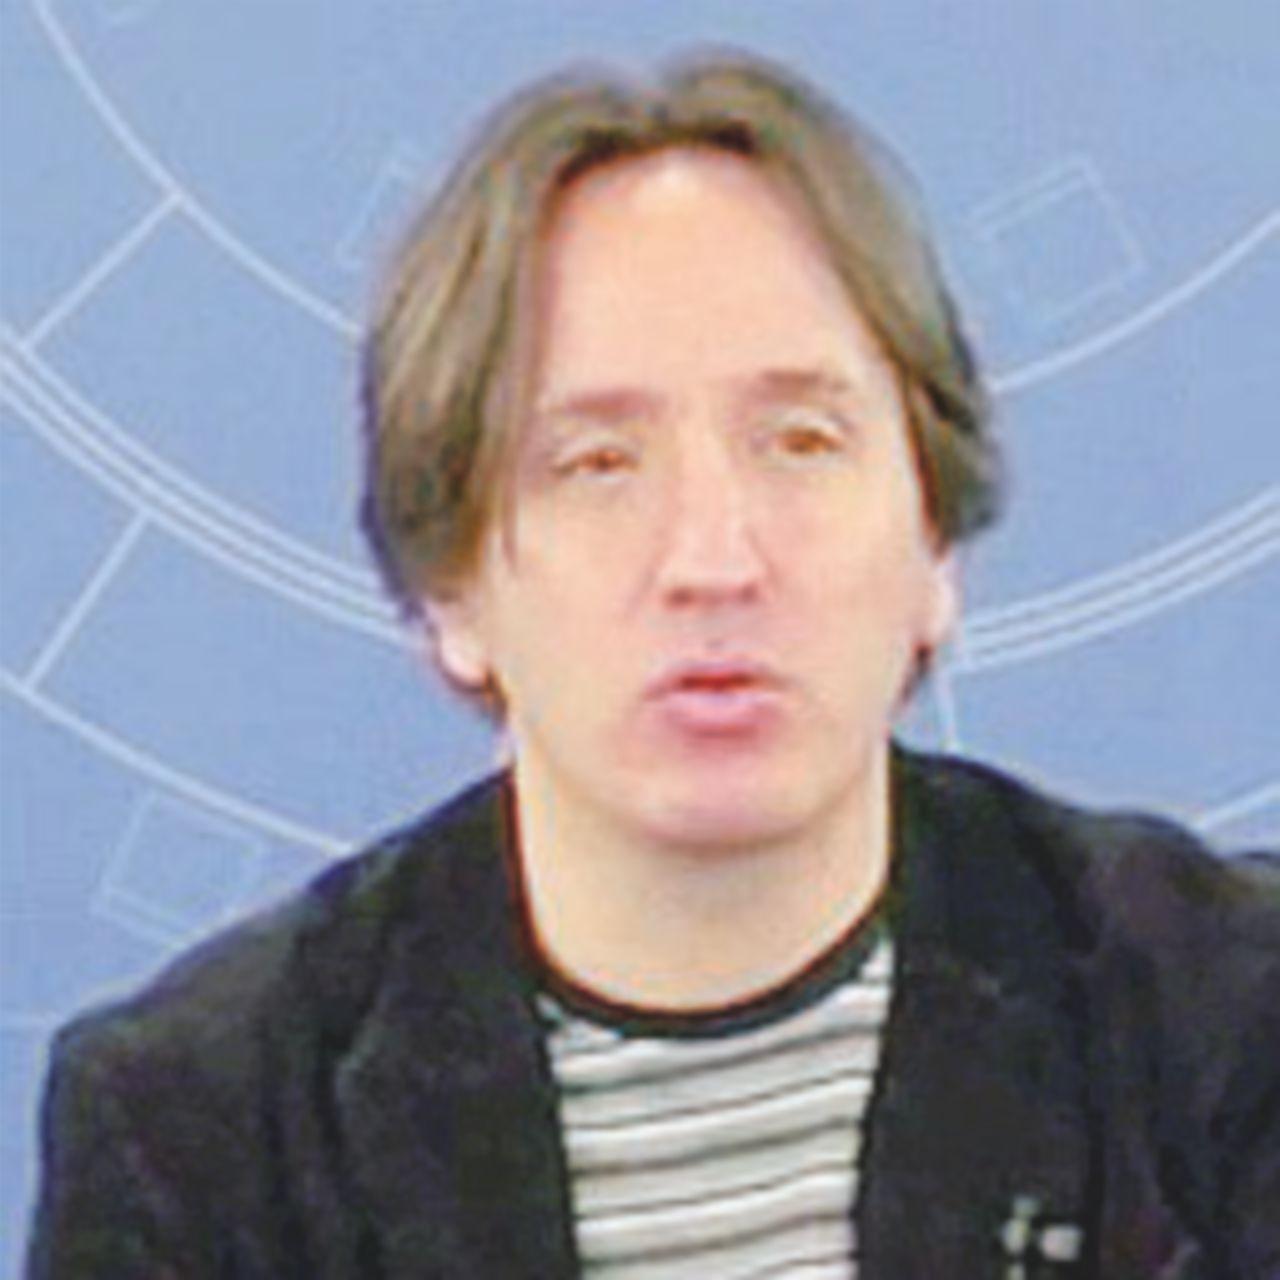 Ivrea, lo staff vieta l'ingresso a un giornalista de La Stampa